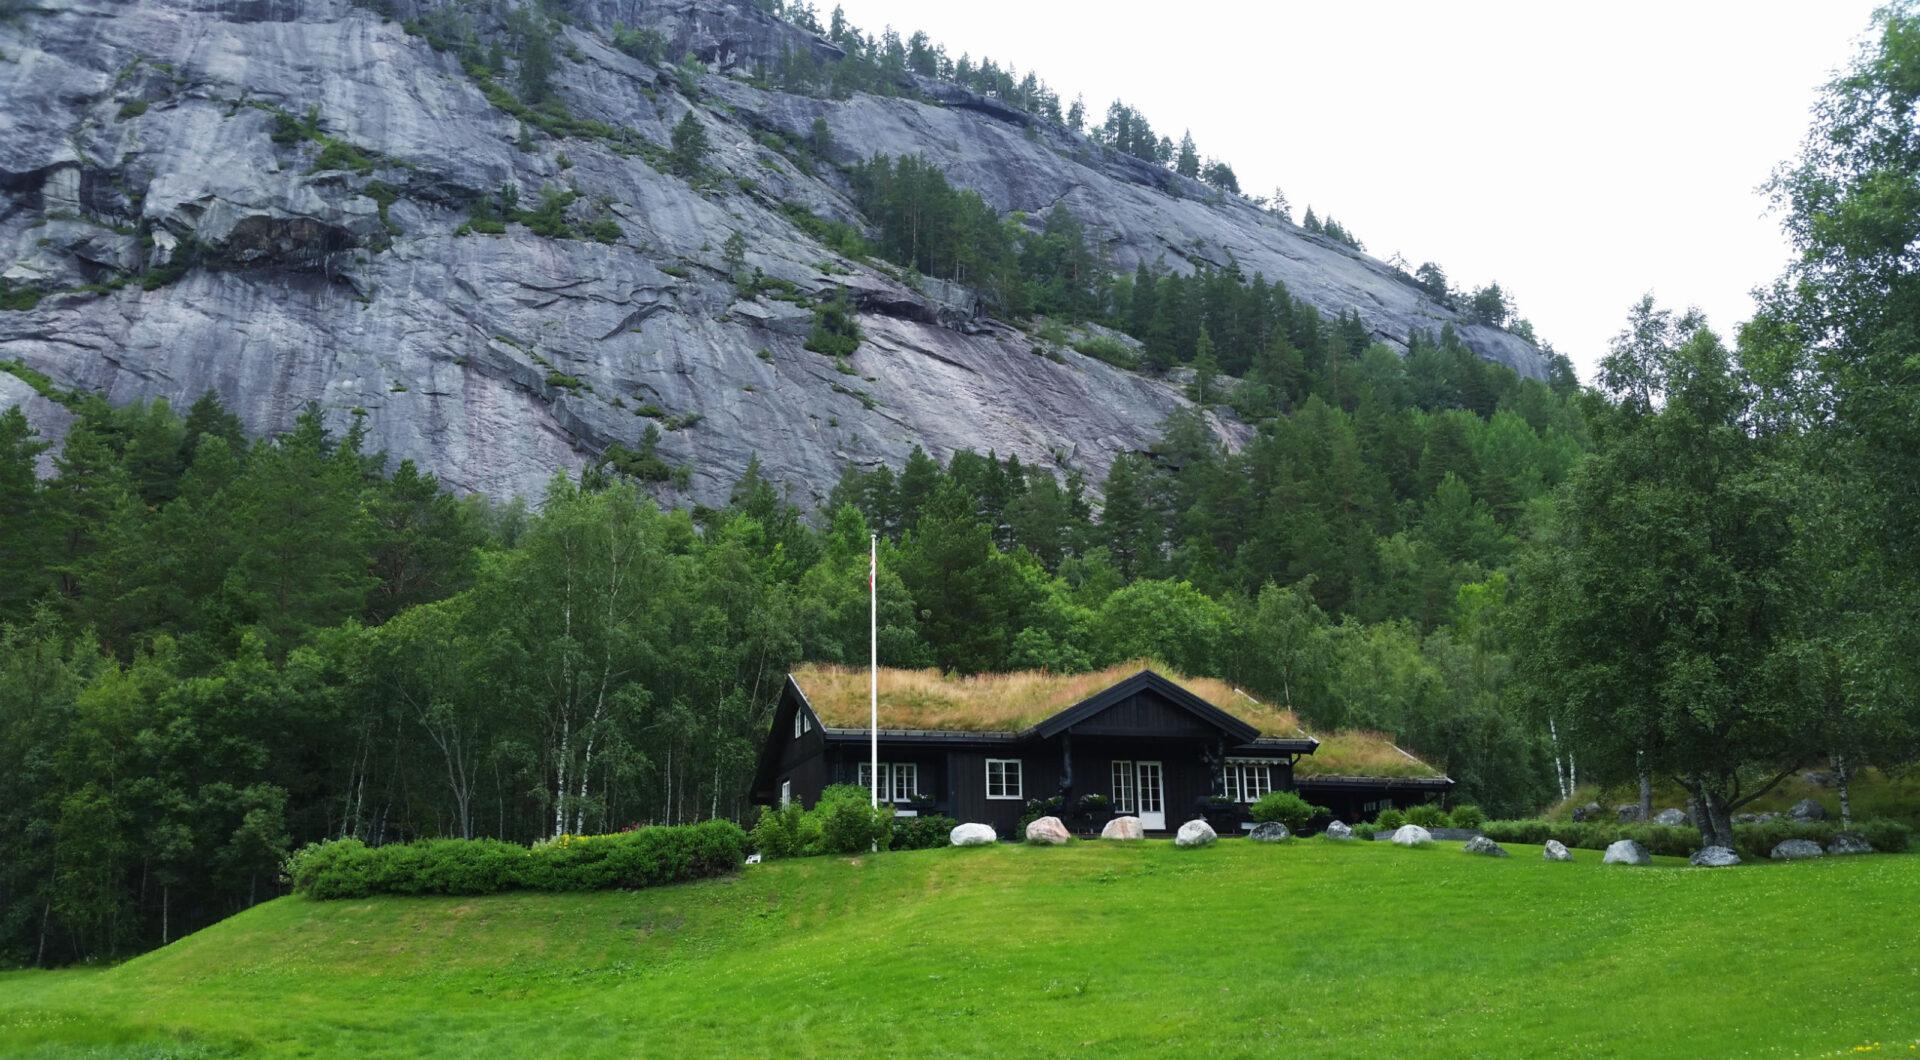 Евротур 2. Часть 4. Норвегия. Чьераг (Кьераг)